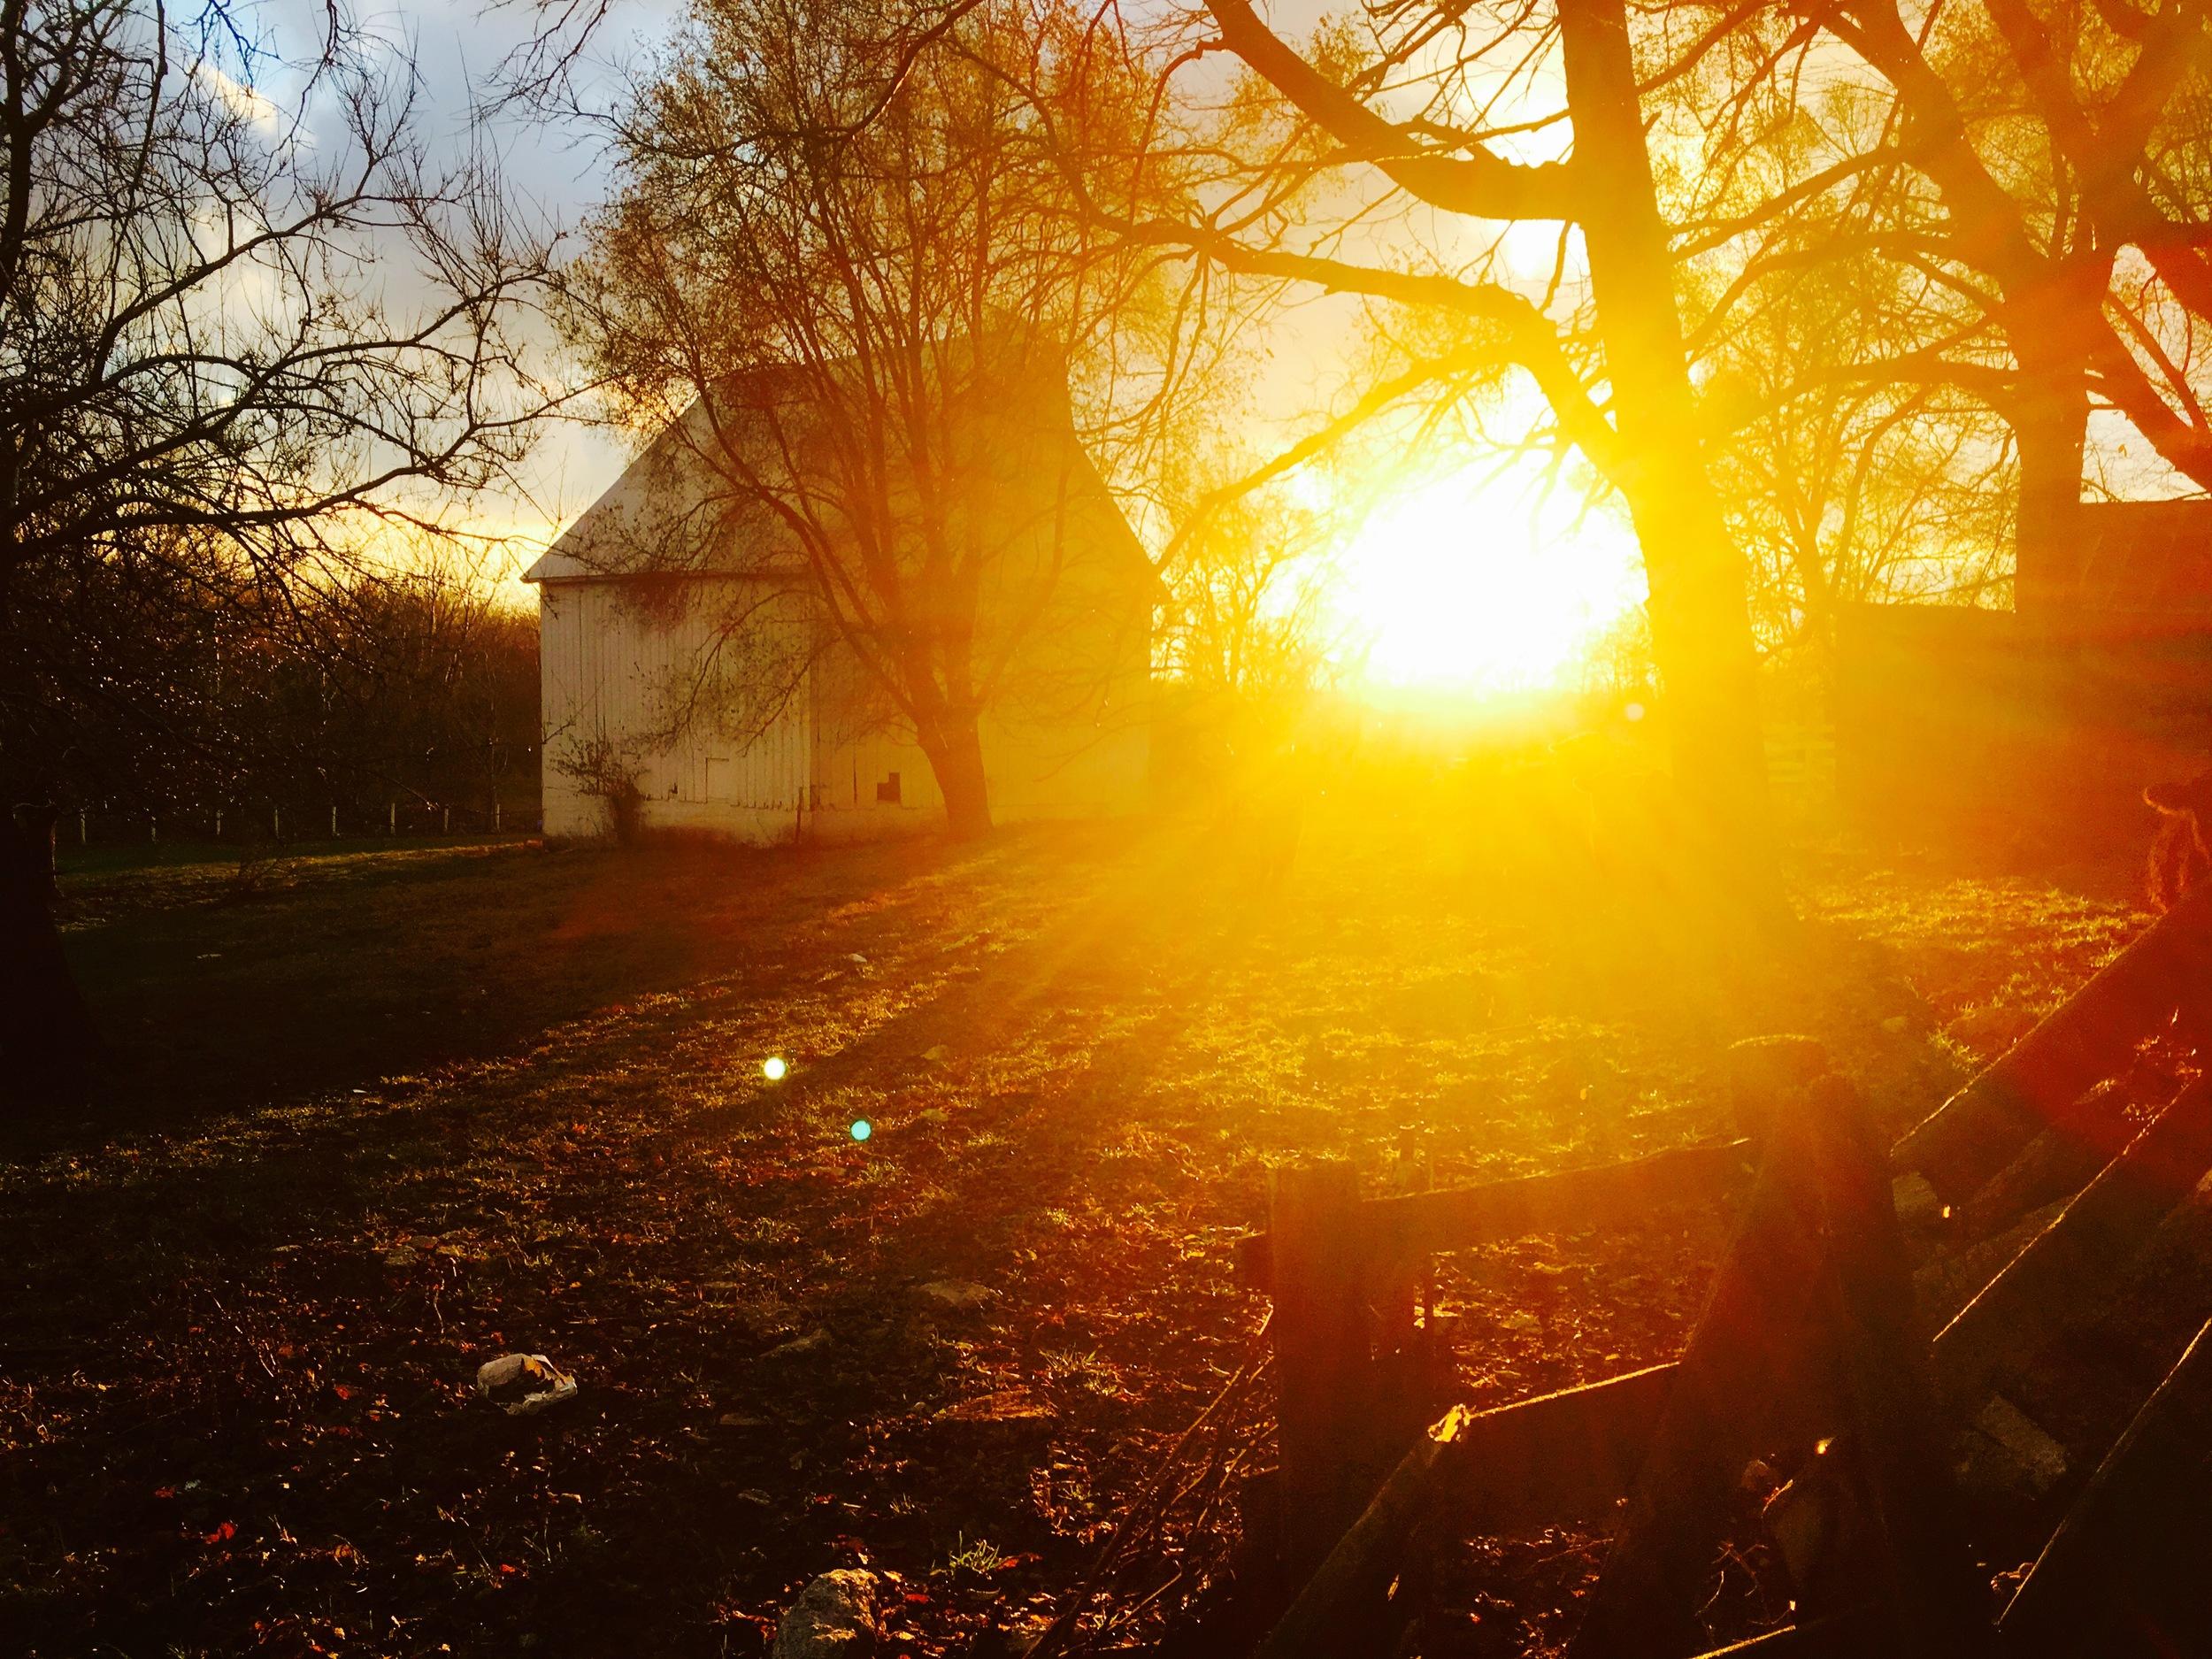 Cow Barn Sunset, November 2015